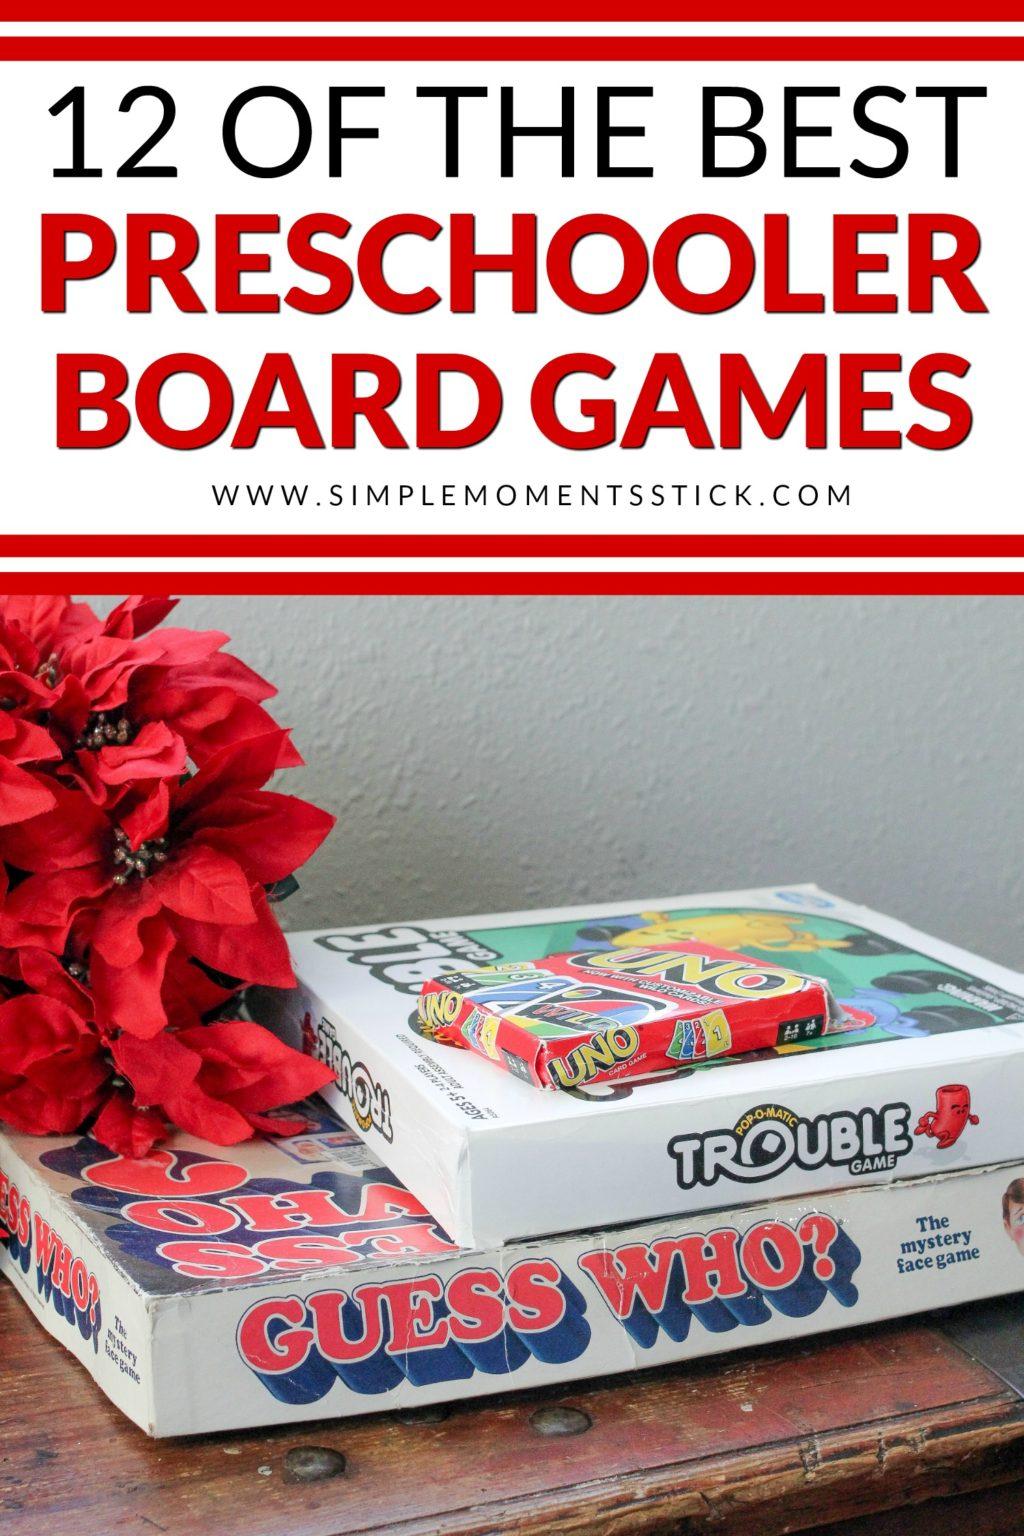 Best board games for kids. Preschooler board games. Best board games for preschoolers